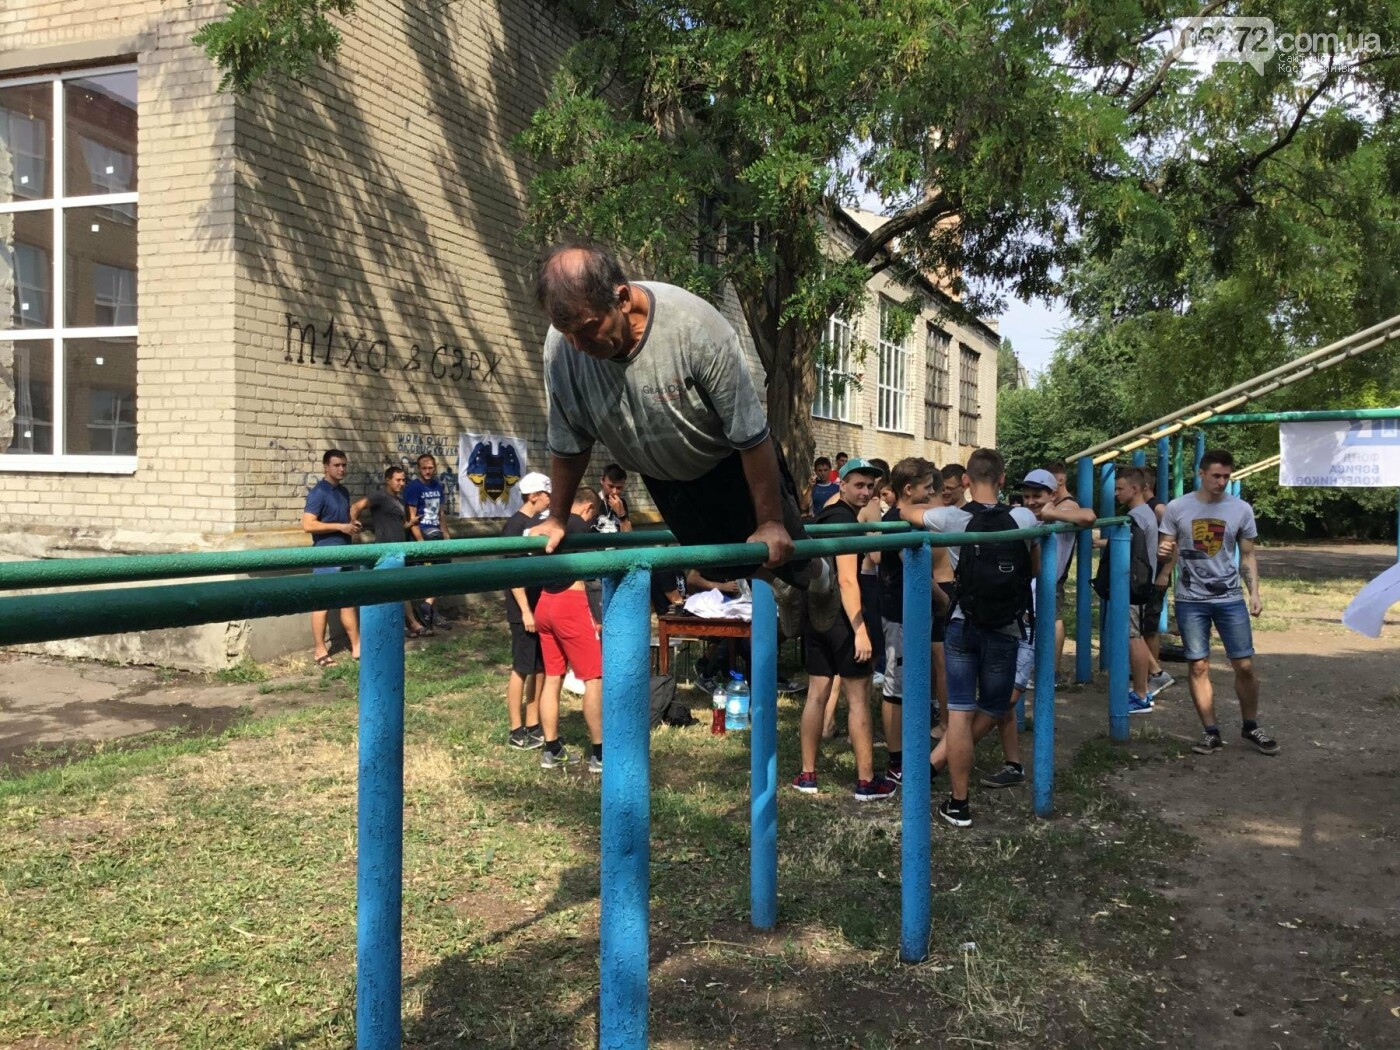 Фото с соревнований по Workout в Константиновке, фото-28